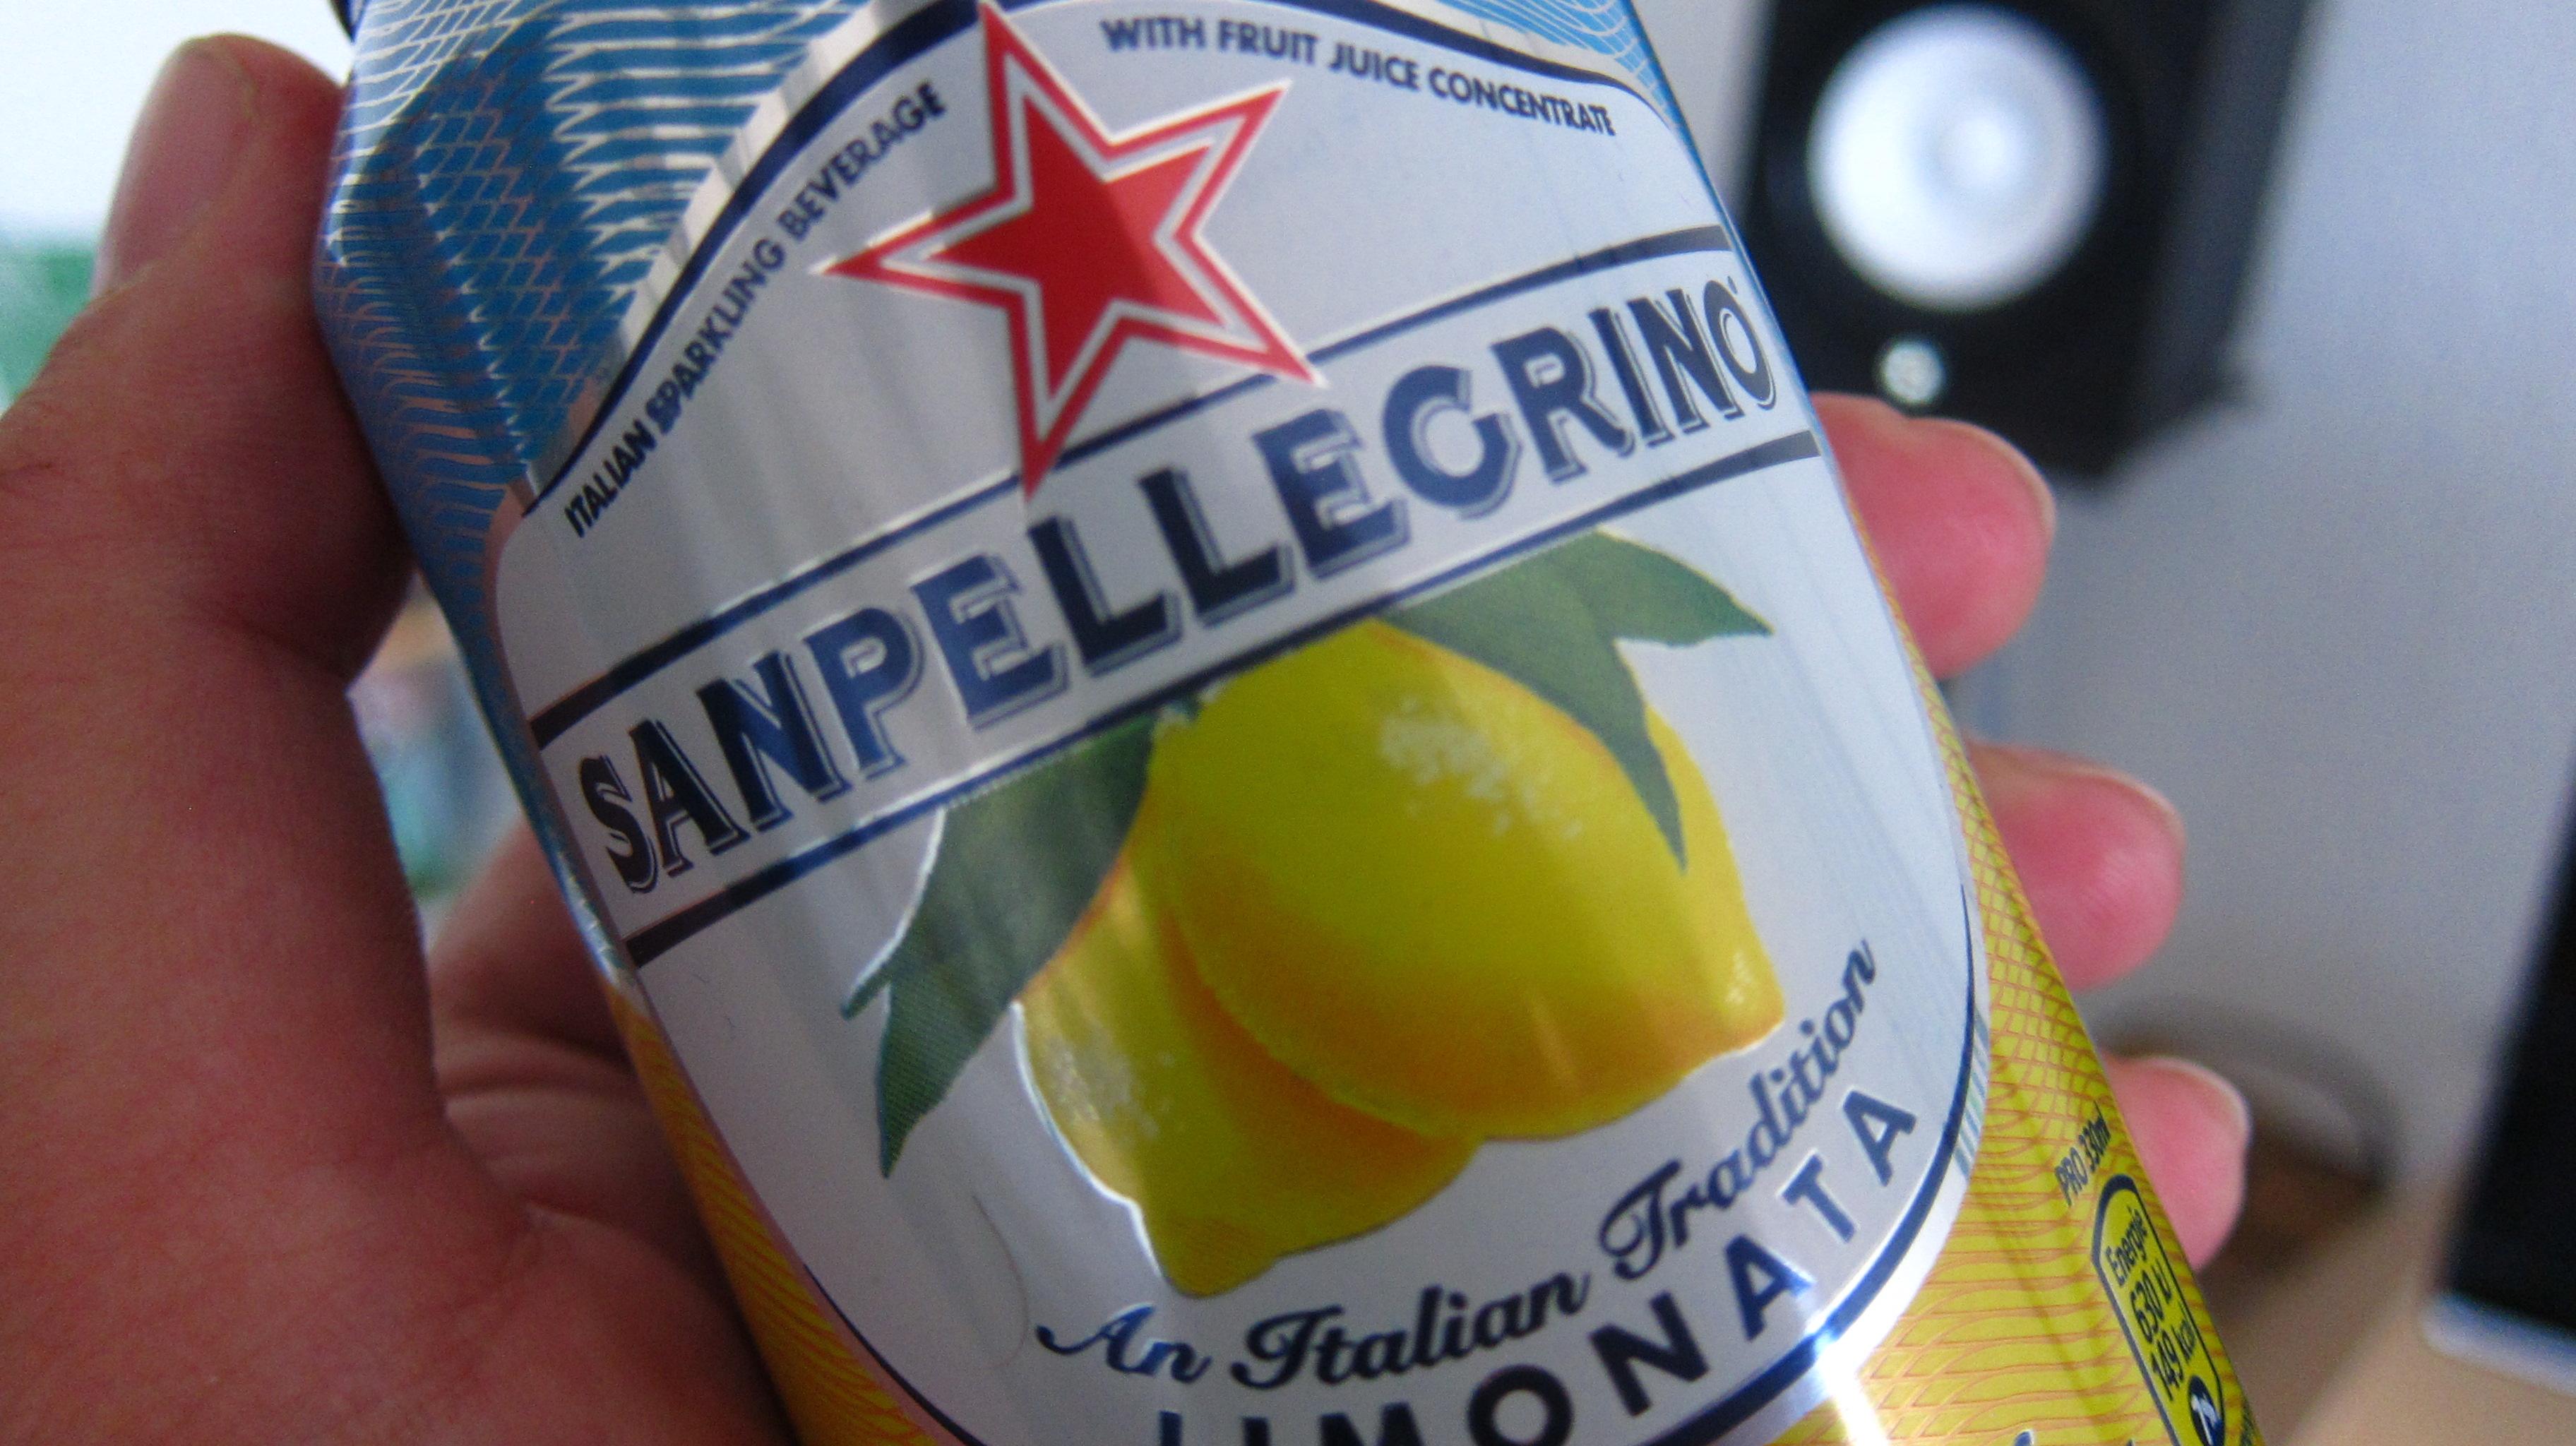 <!--:de-->San Pellegrino Limonata<!--:--><!--:en-->San Pellegrino Limonata<!--:-->